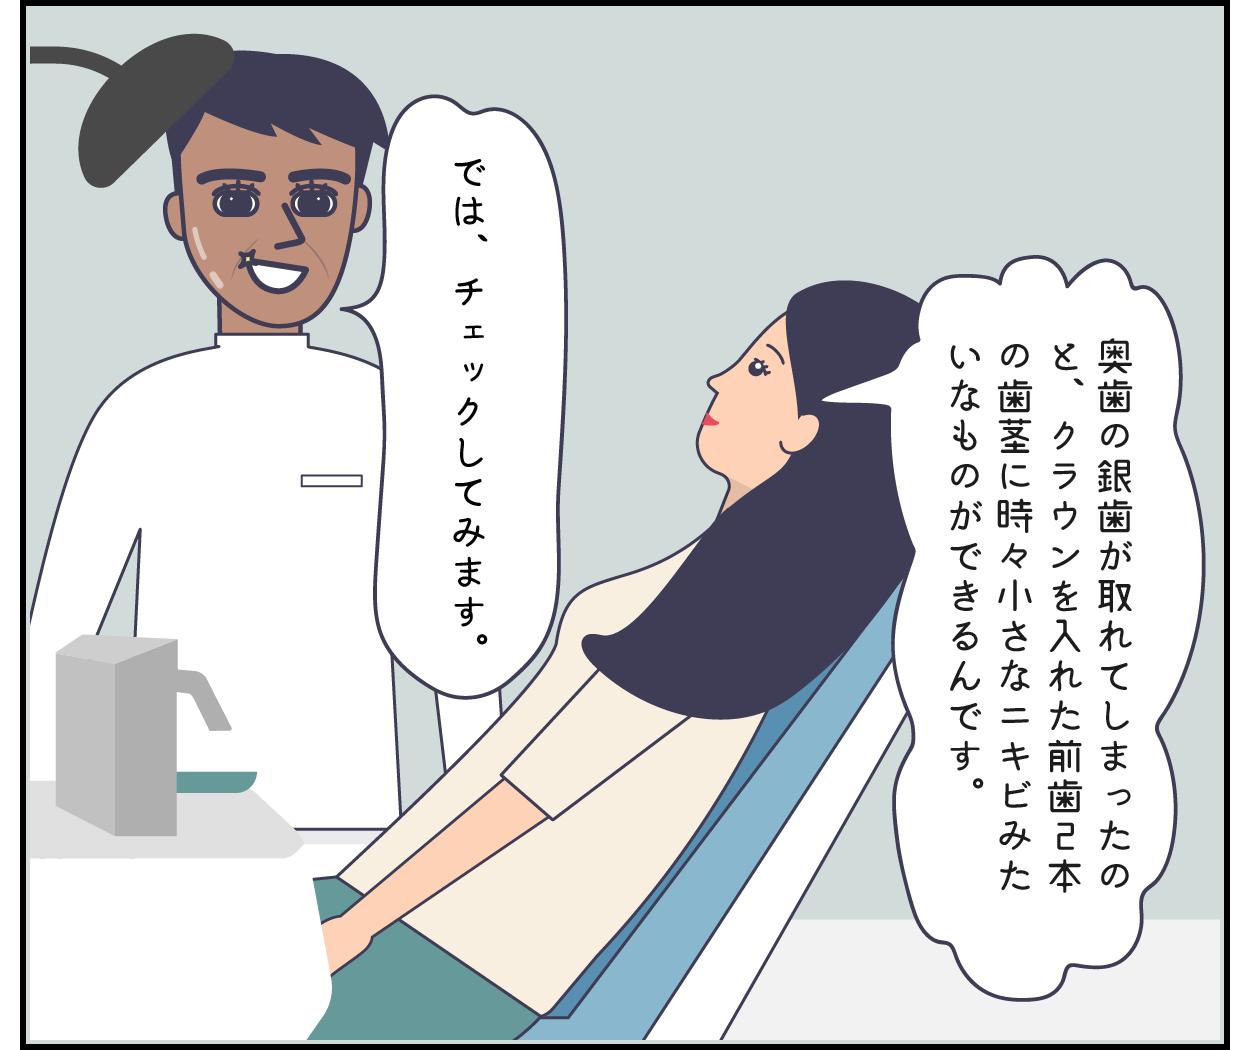 イギリス 歯医者